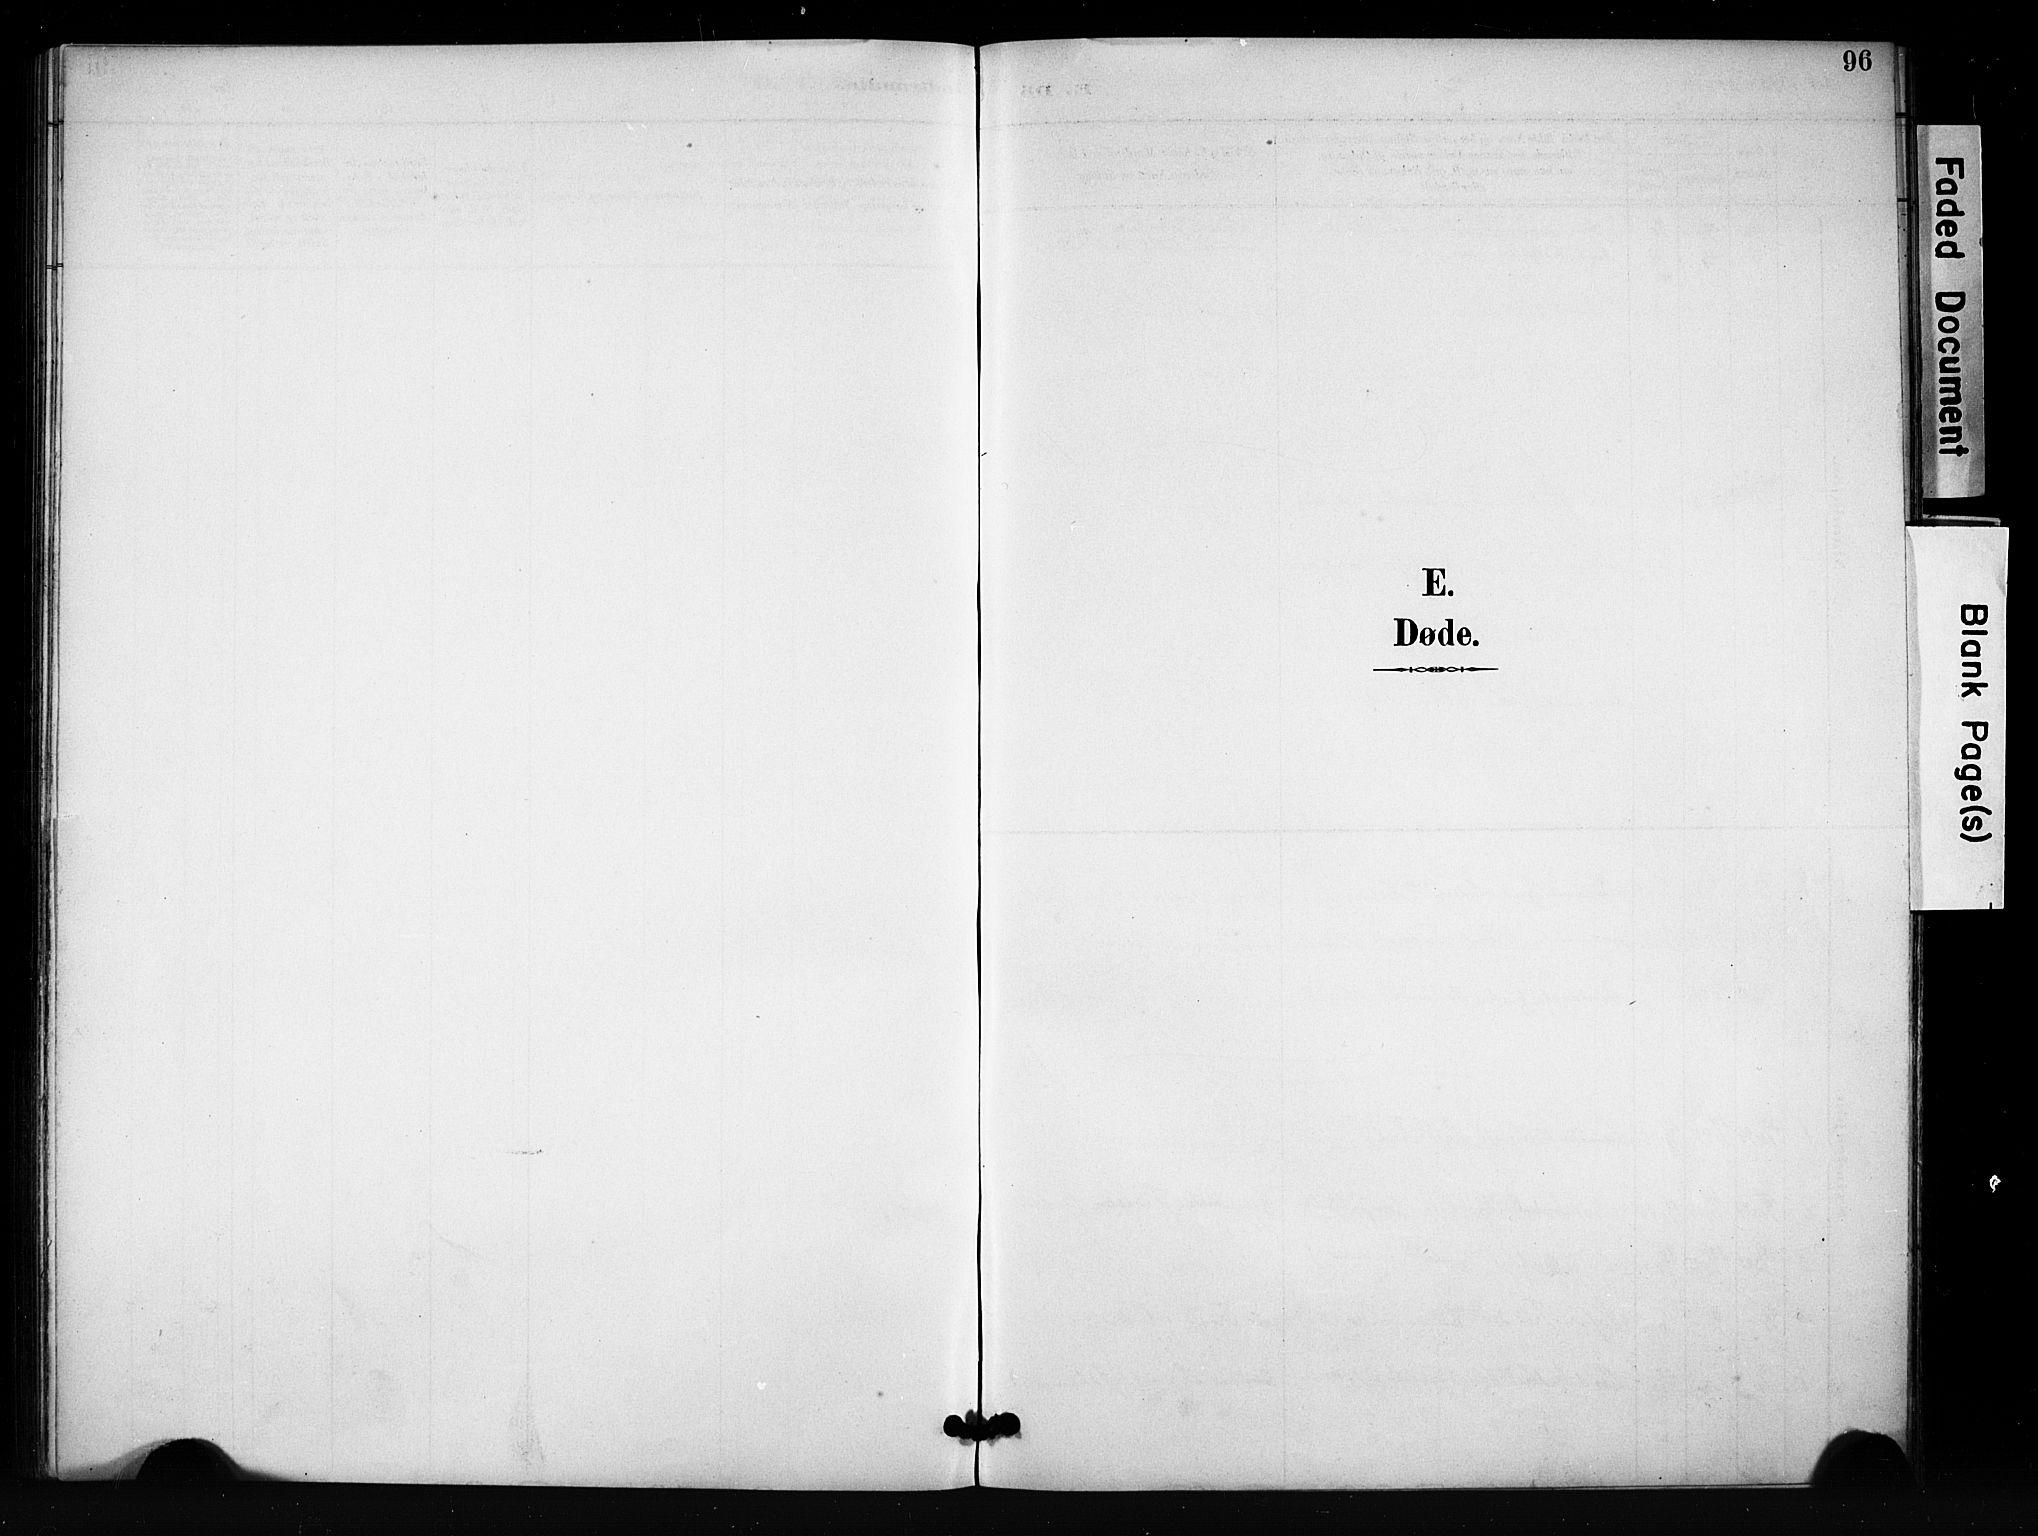 SAH, Vang prestekontor, Valdres, Klokkerbok nr. 7, 1893-1924, s. 96